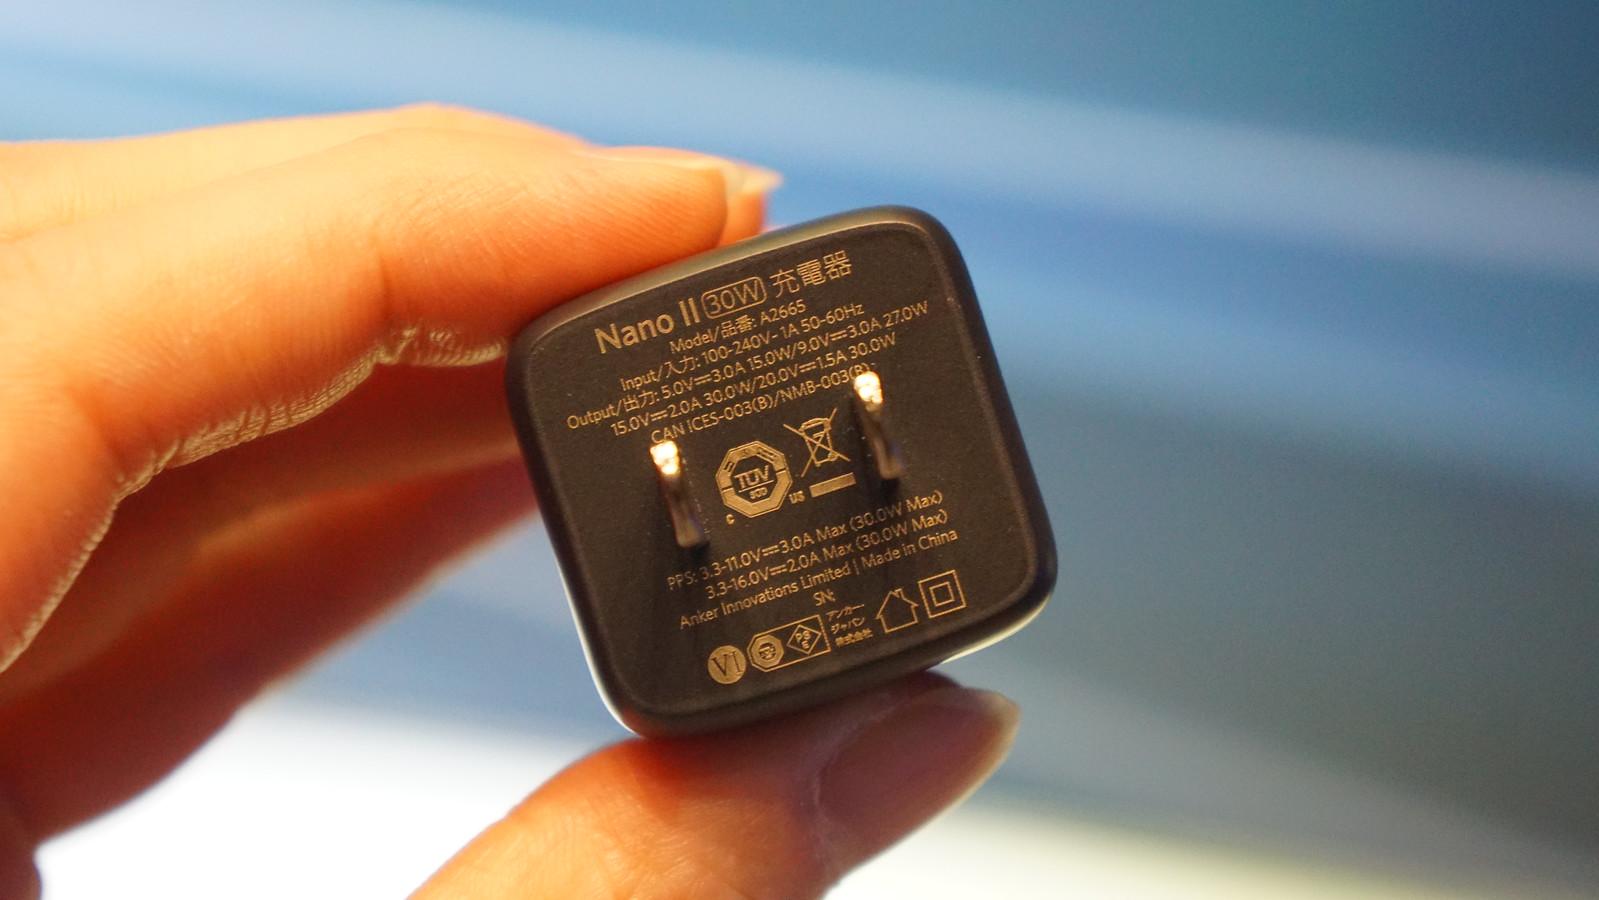 Anker Nano II 30